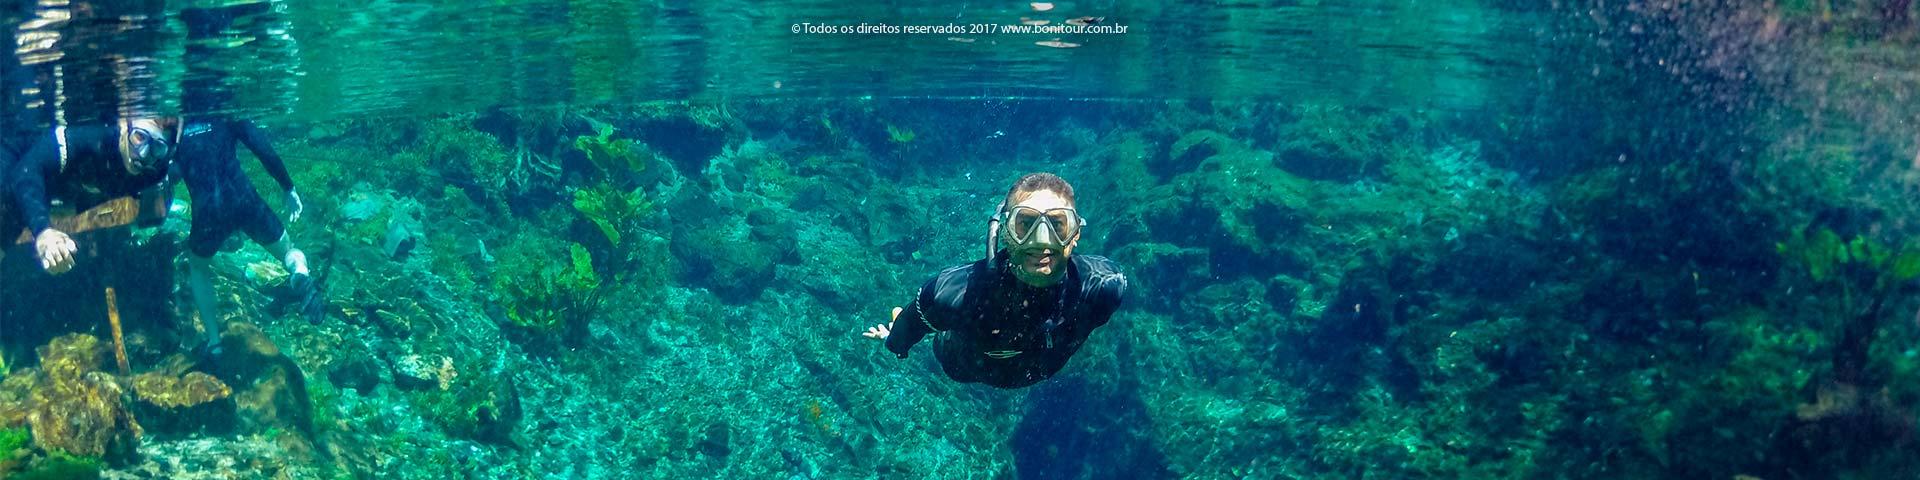 Nascente-Azul-Flutuacao-Bonitour-Passeios-em-Bonito-MS-1106_1446.jpg